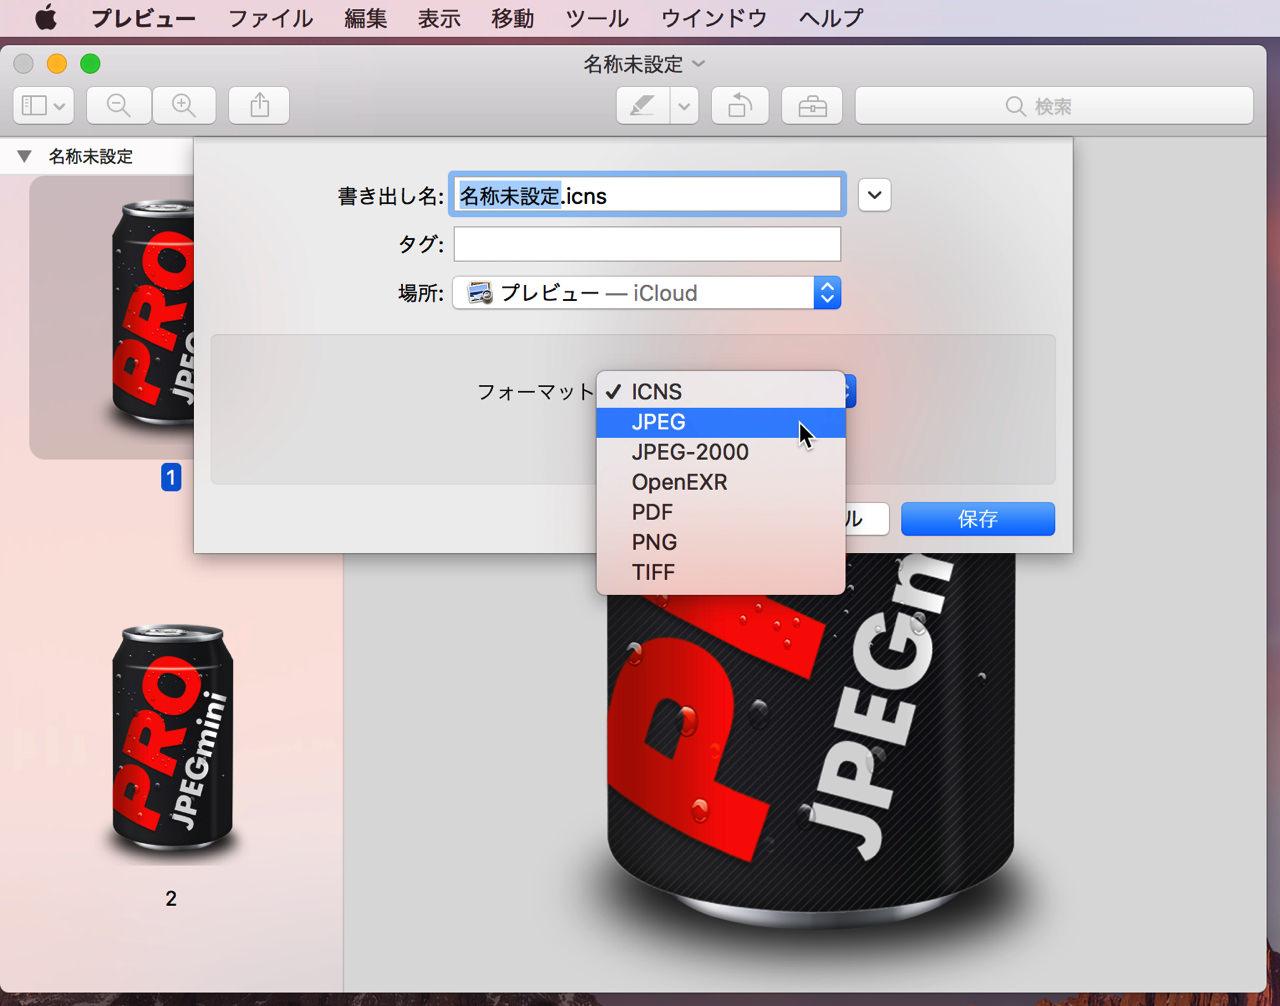 アプリの画像のフォーマットを指定して保存する